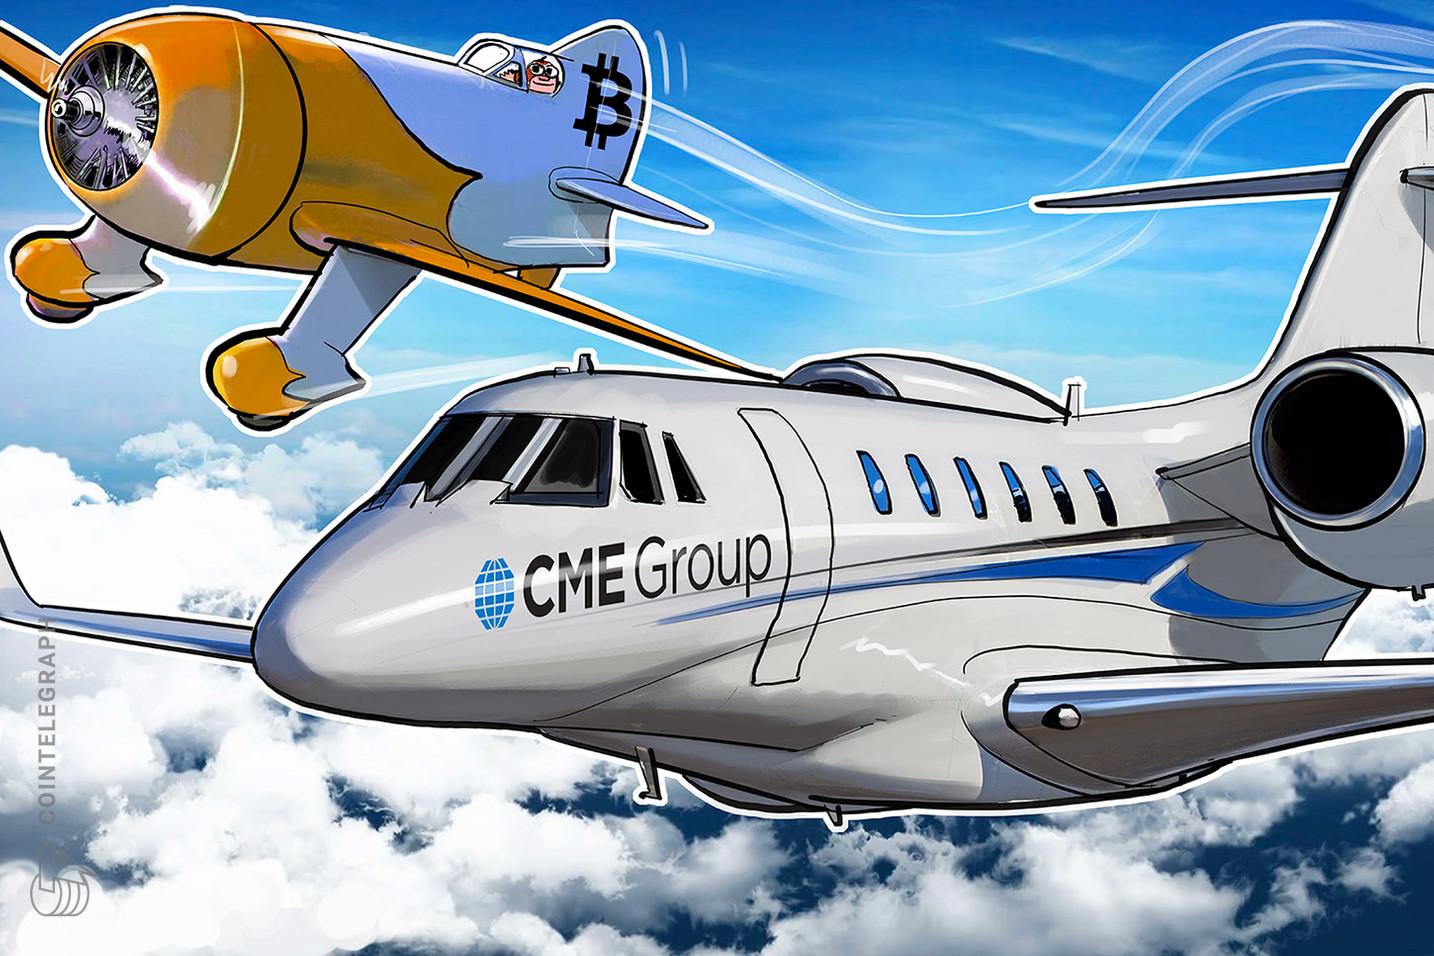 Los futuros de bitcoin de CME promediaron un volumen diario de USD 515 millones en mayo